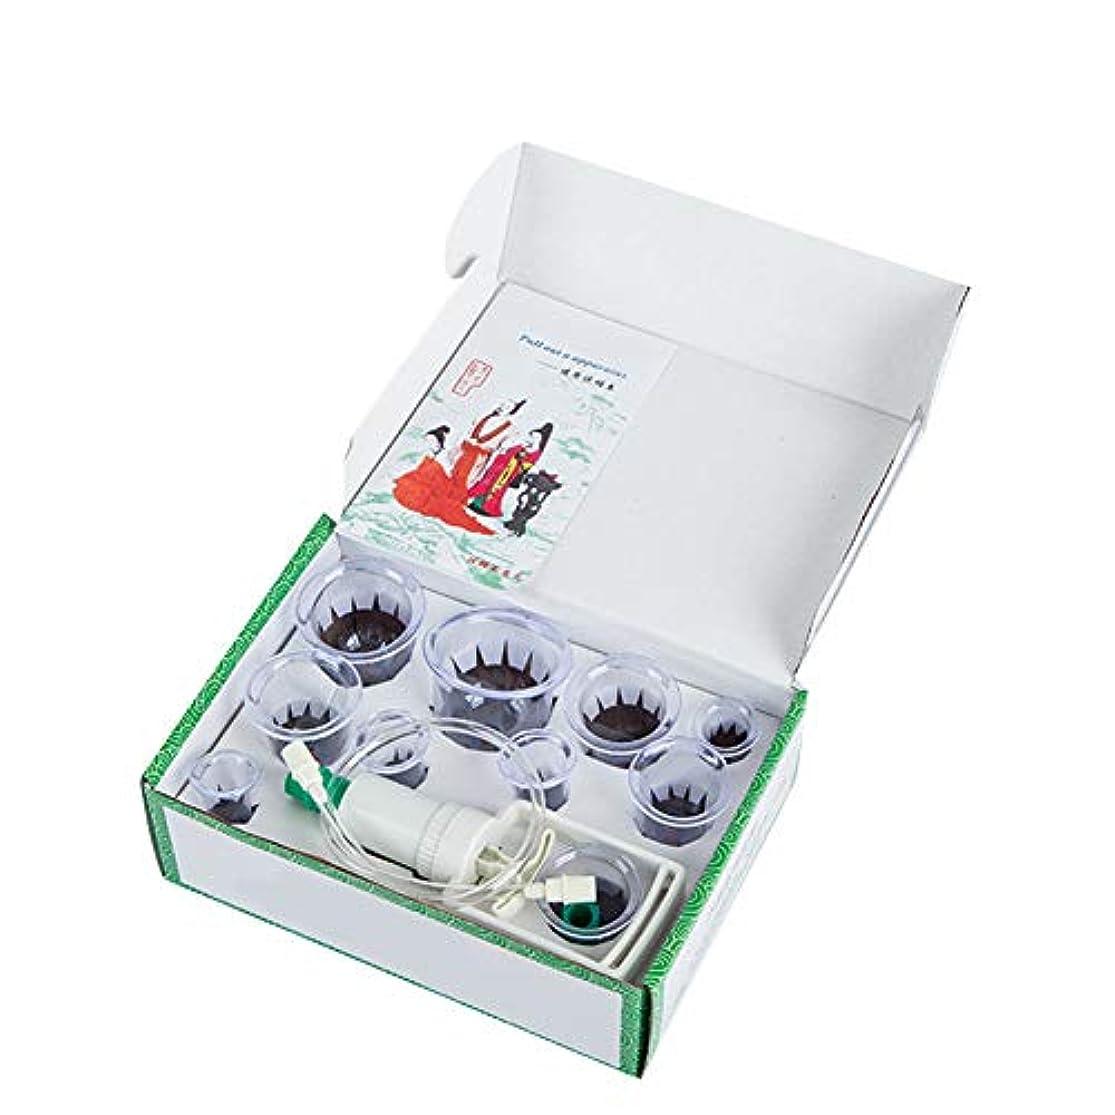 静かなまっすぐにする悪化させる10カップカッピングセットプラスチック、真空吸引中国式ツボ療法、ポンプ付きホーム、ボディマッサージ鎮痛理学療法排泄毒素